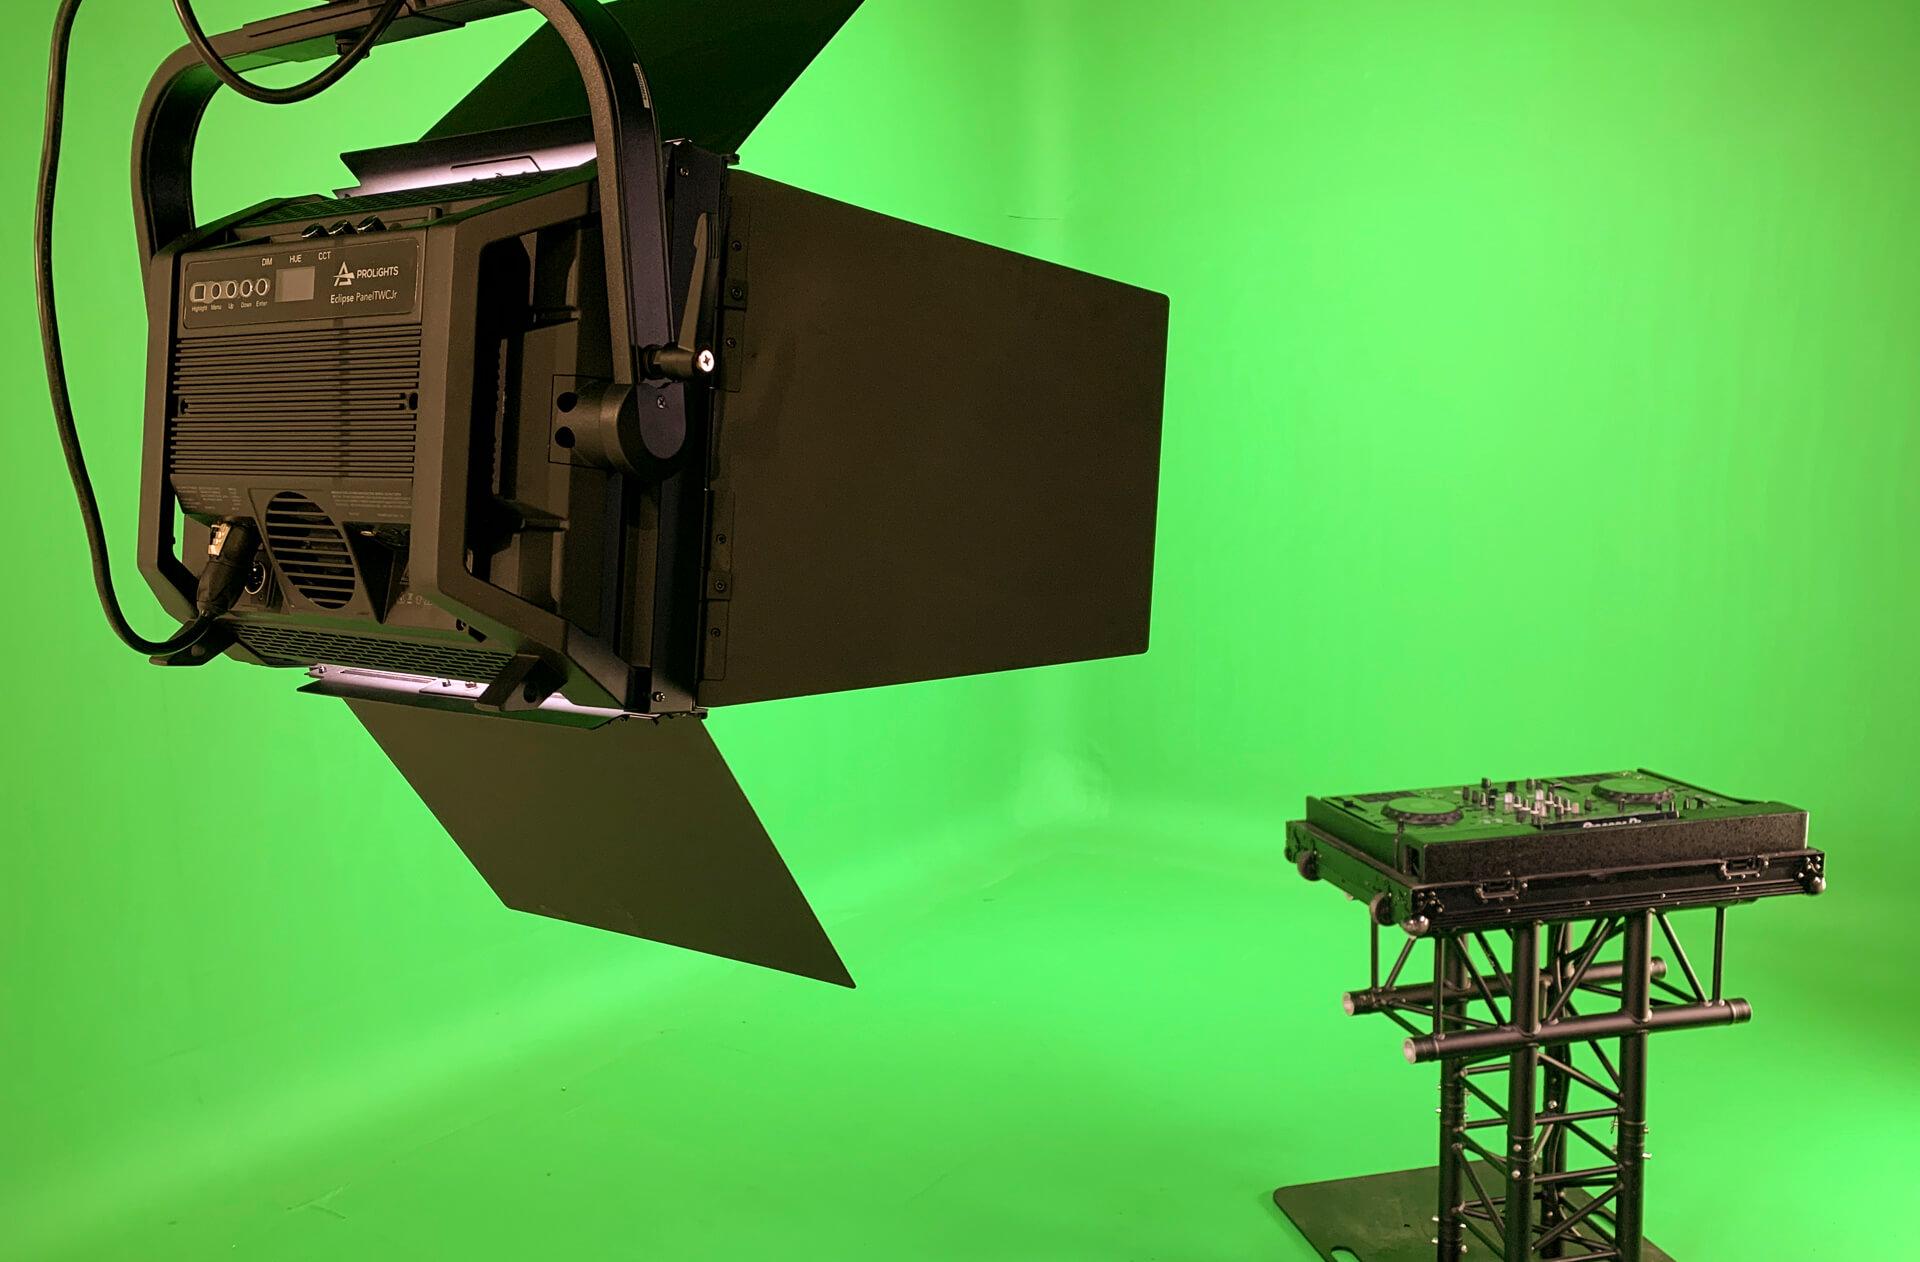 Holo Heroes: inrichting greenscreen studio